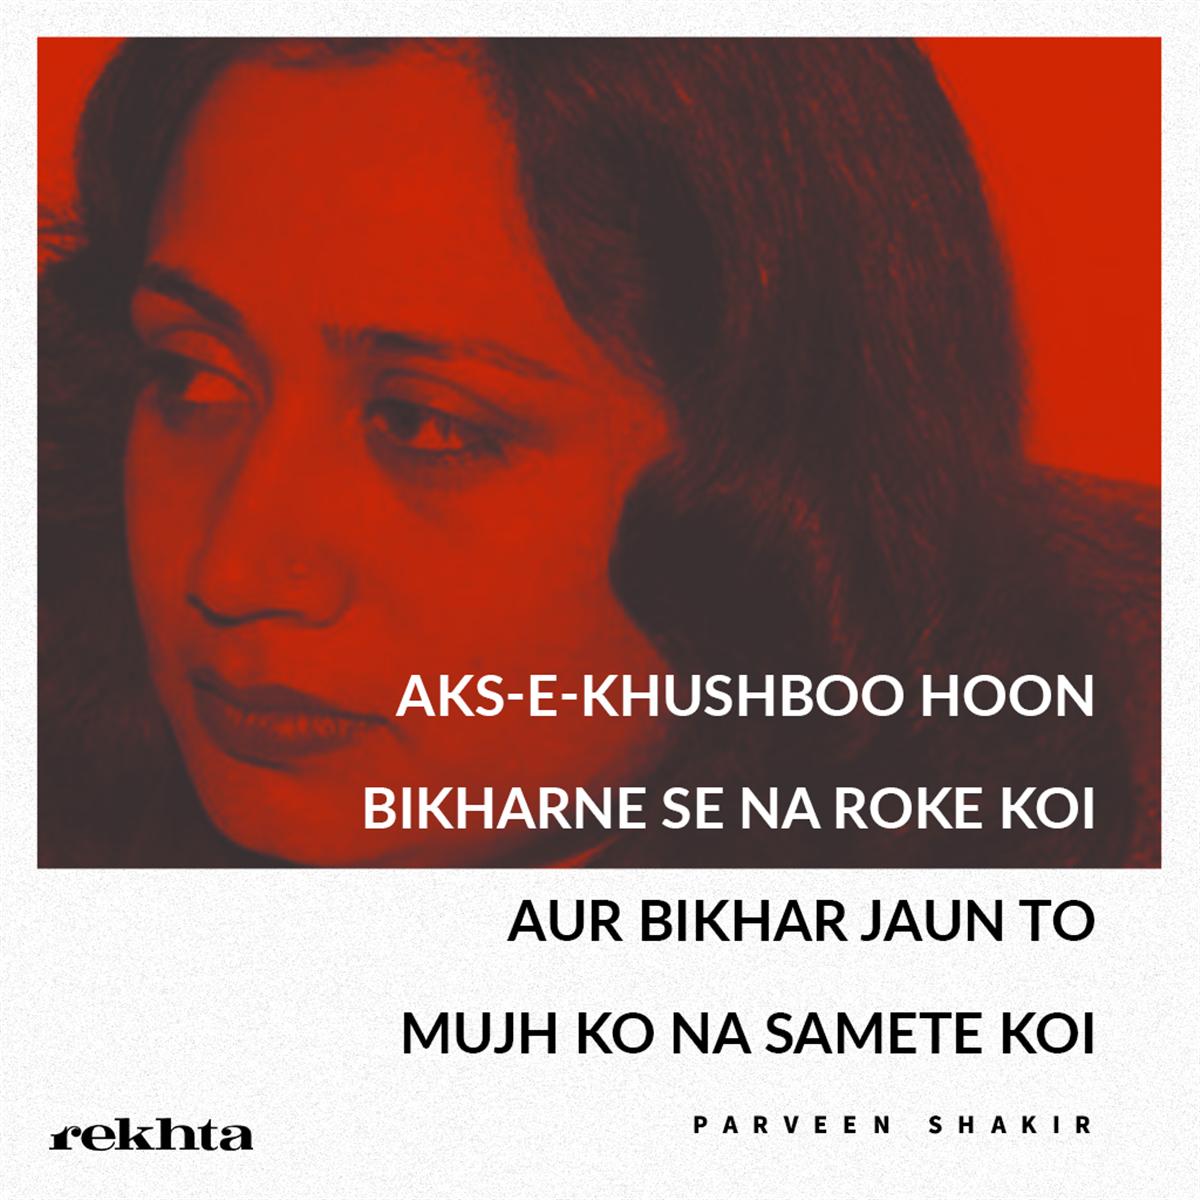 aks-e-KHushbuu huu.n bikharne se na roke ko.ii-Parveen Shakir